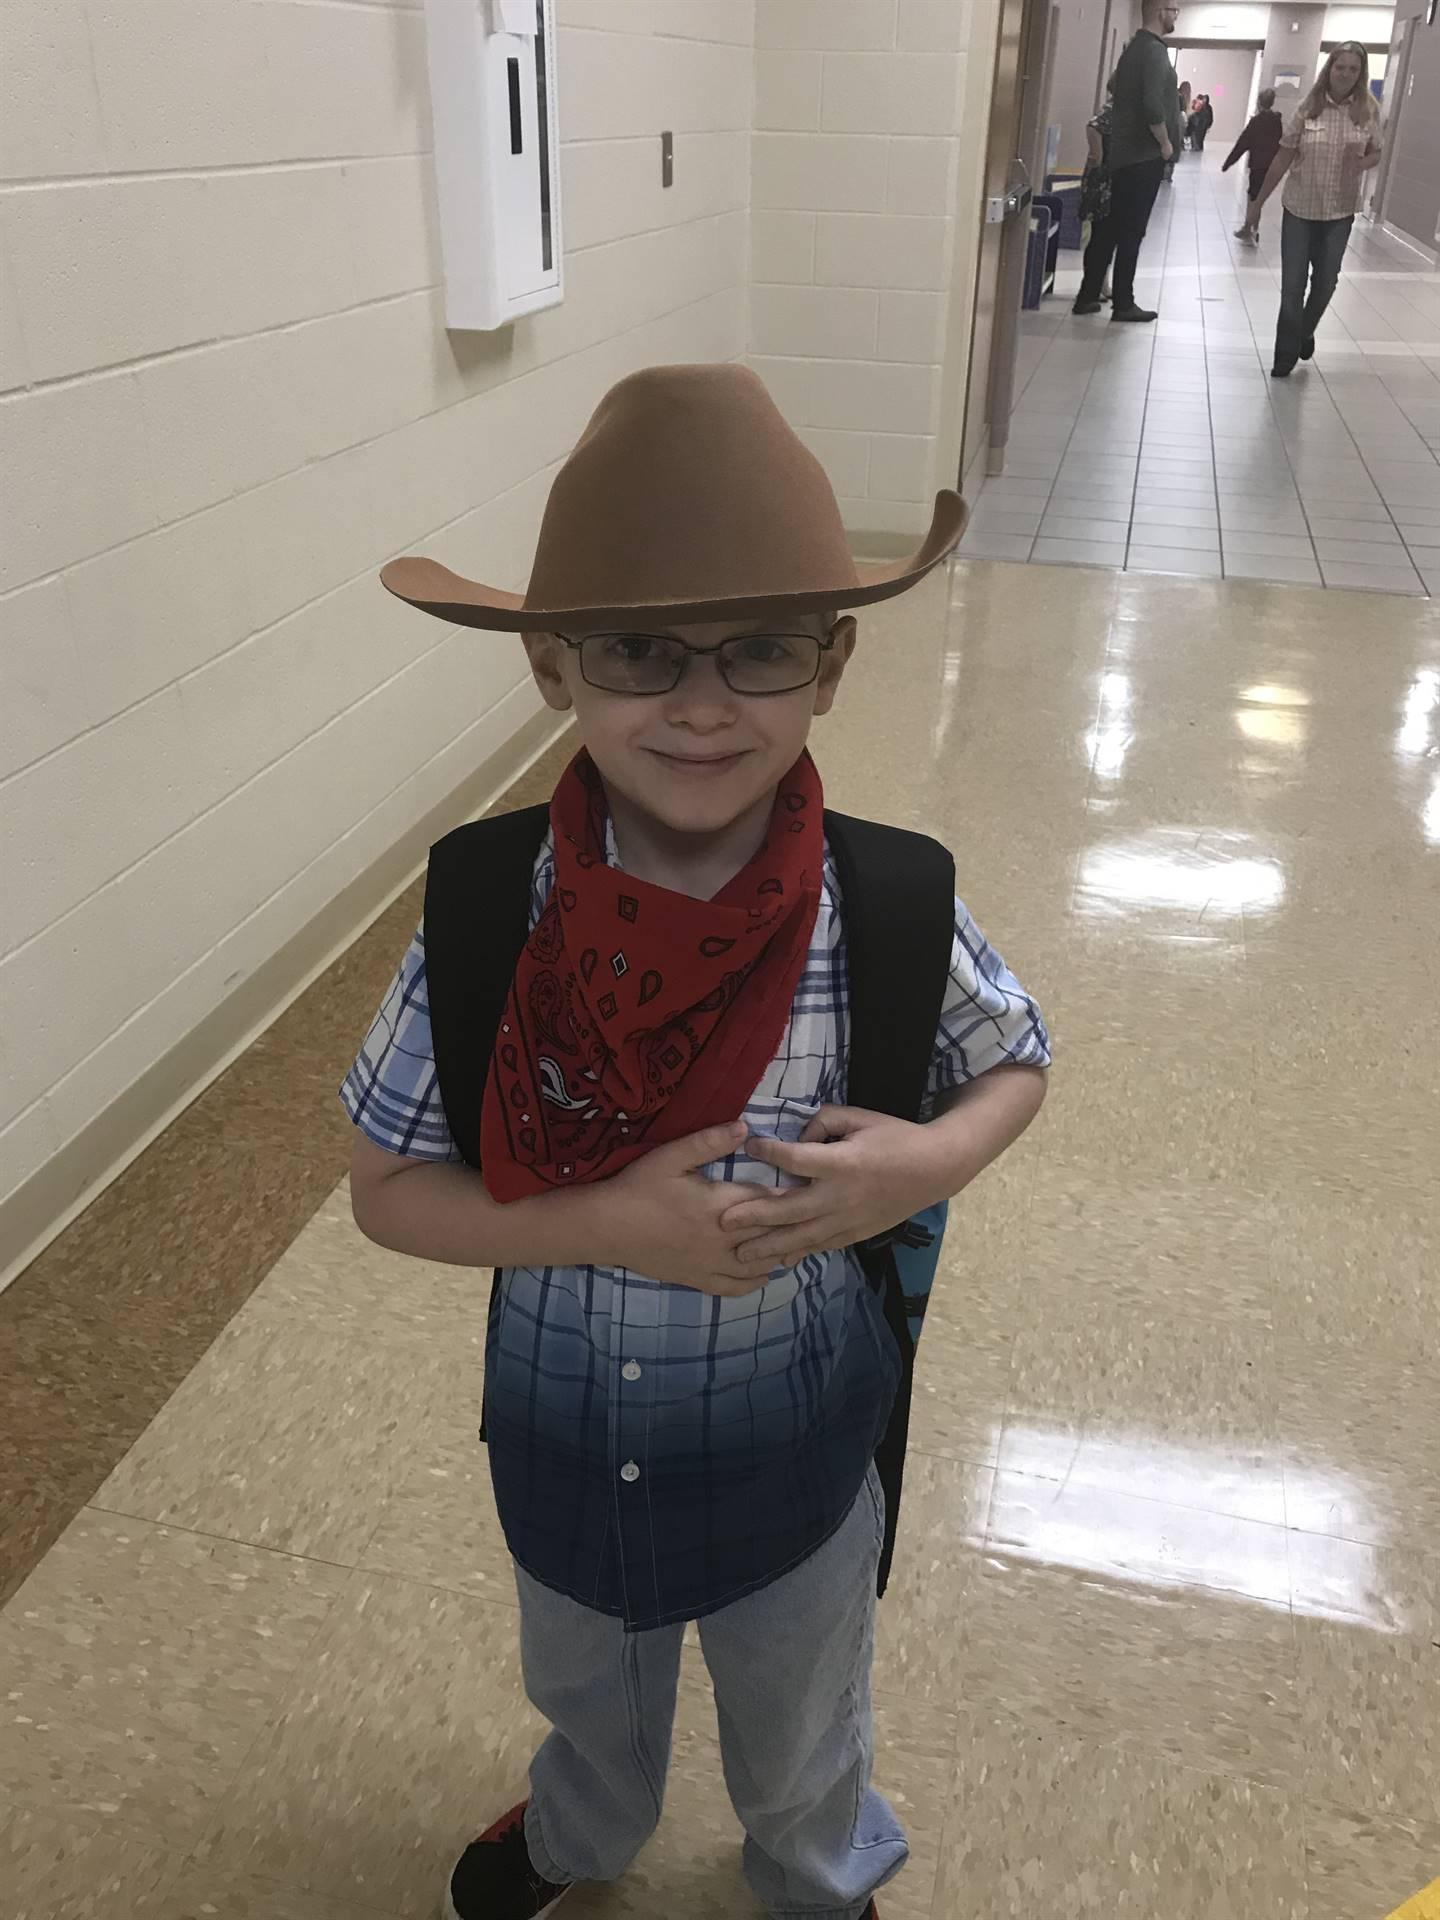 Cowboy Days at South